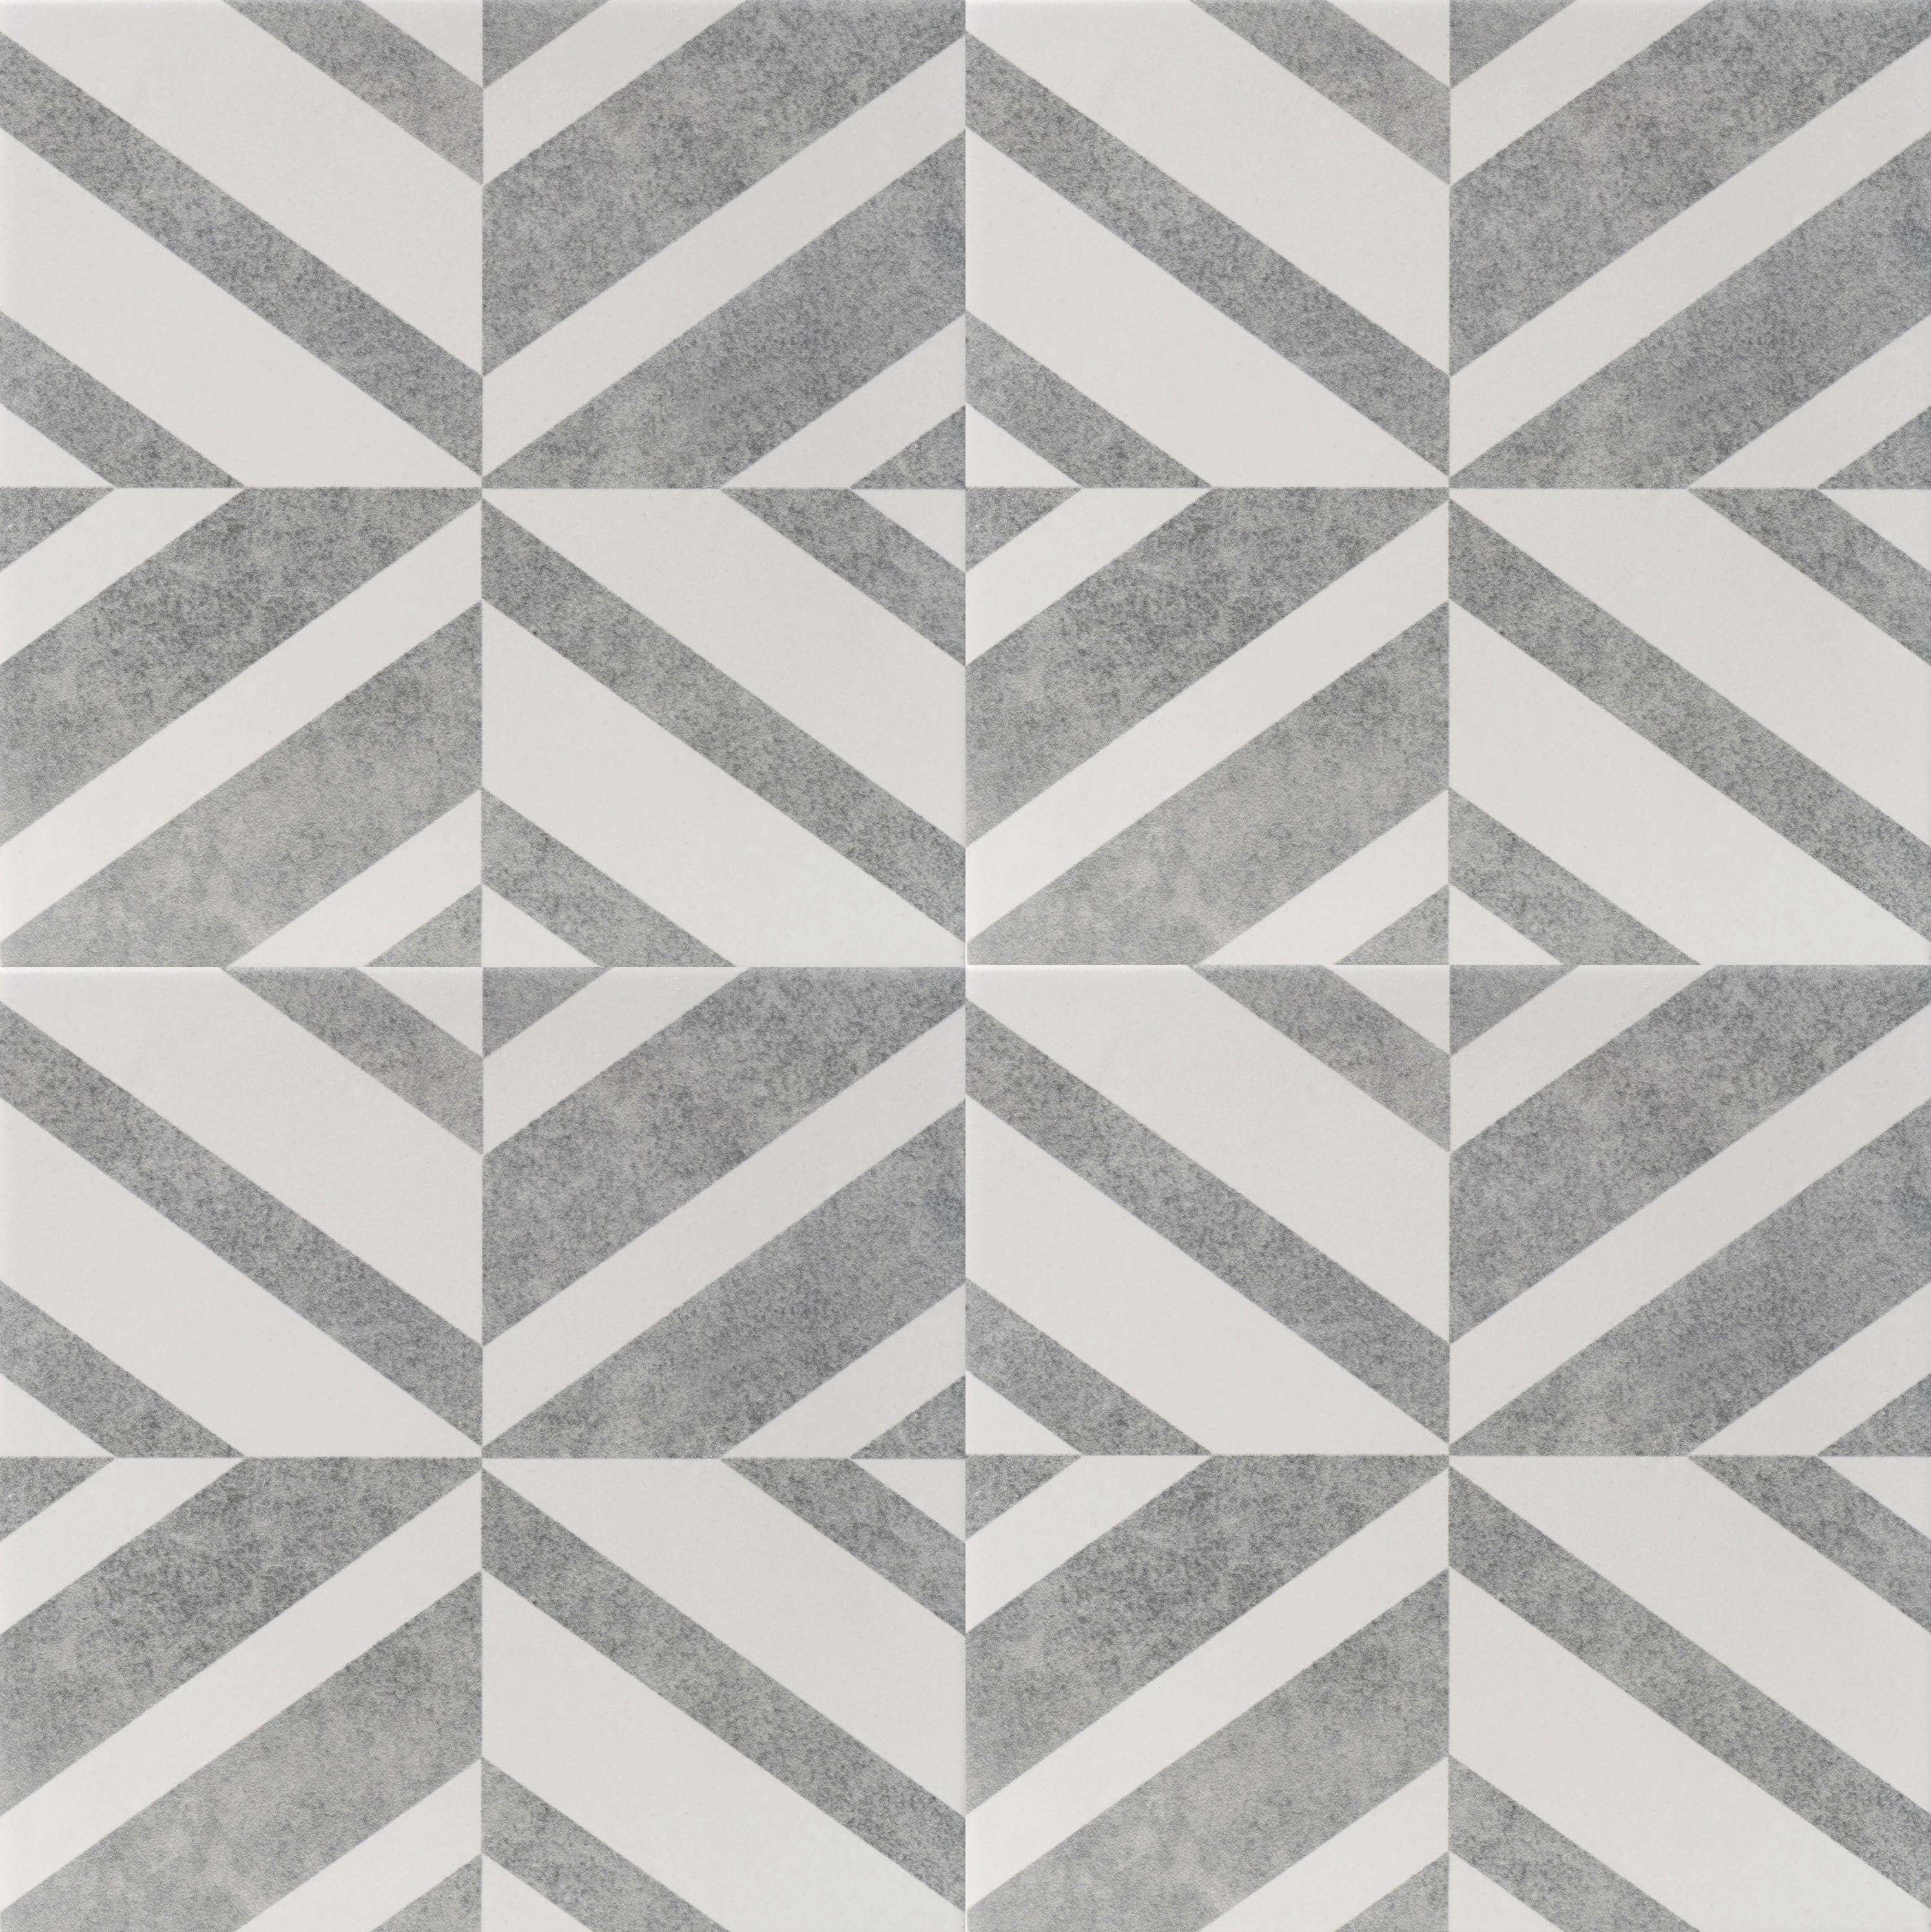 Cementine comp optical piastrelle ceramica valmori - Piastrelle di ceramica ...